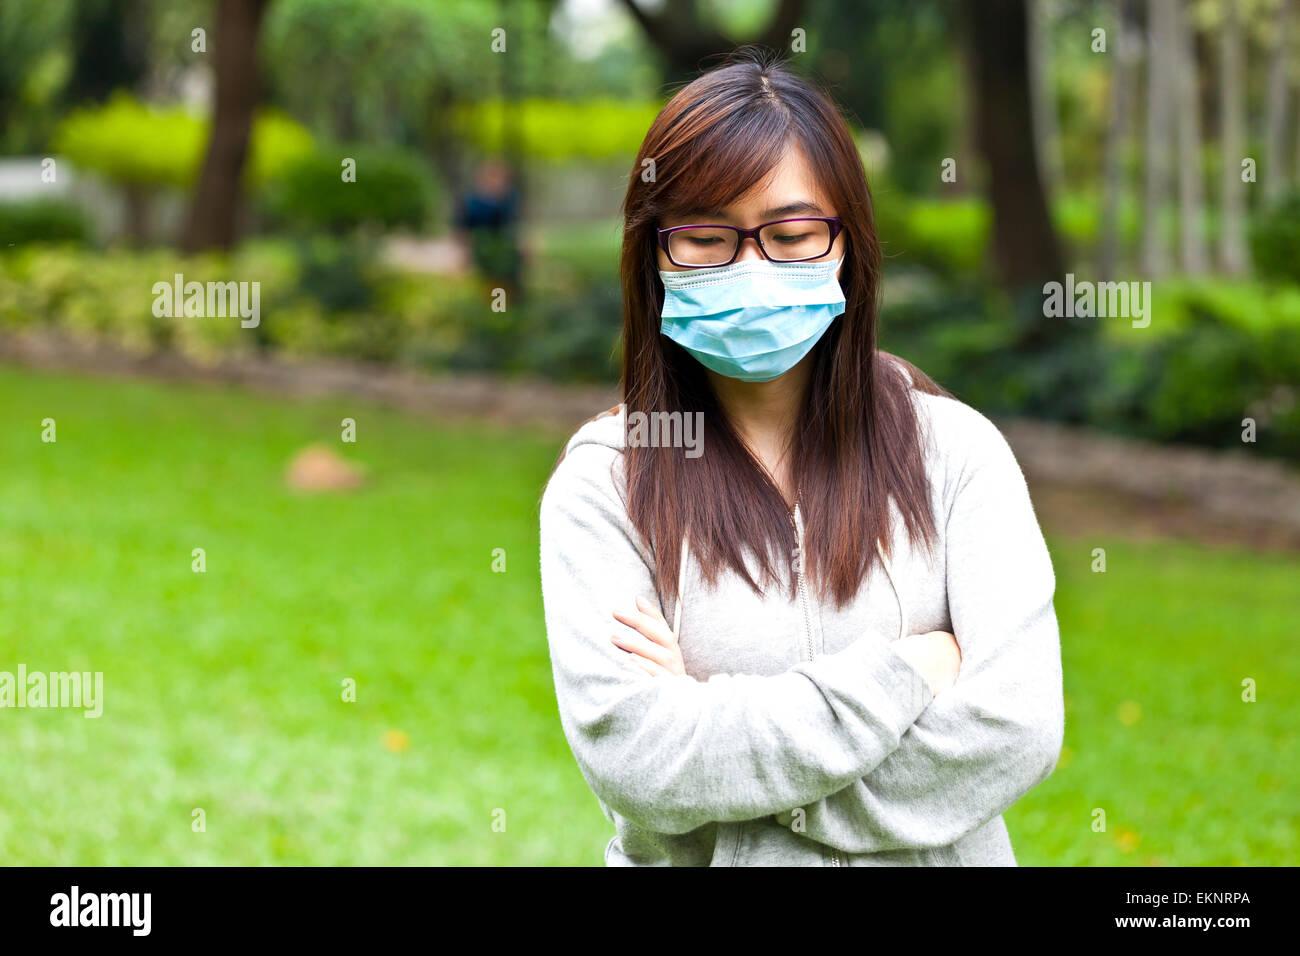 Frau trägt schützende Gesichtsmaske im park Stockfoto